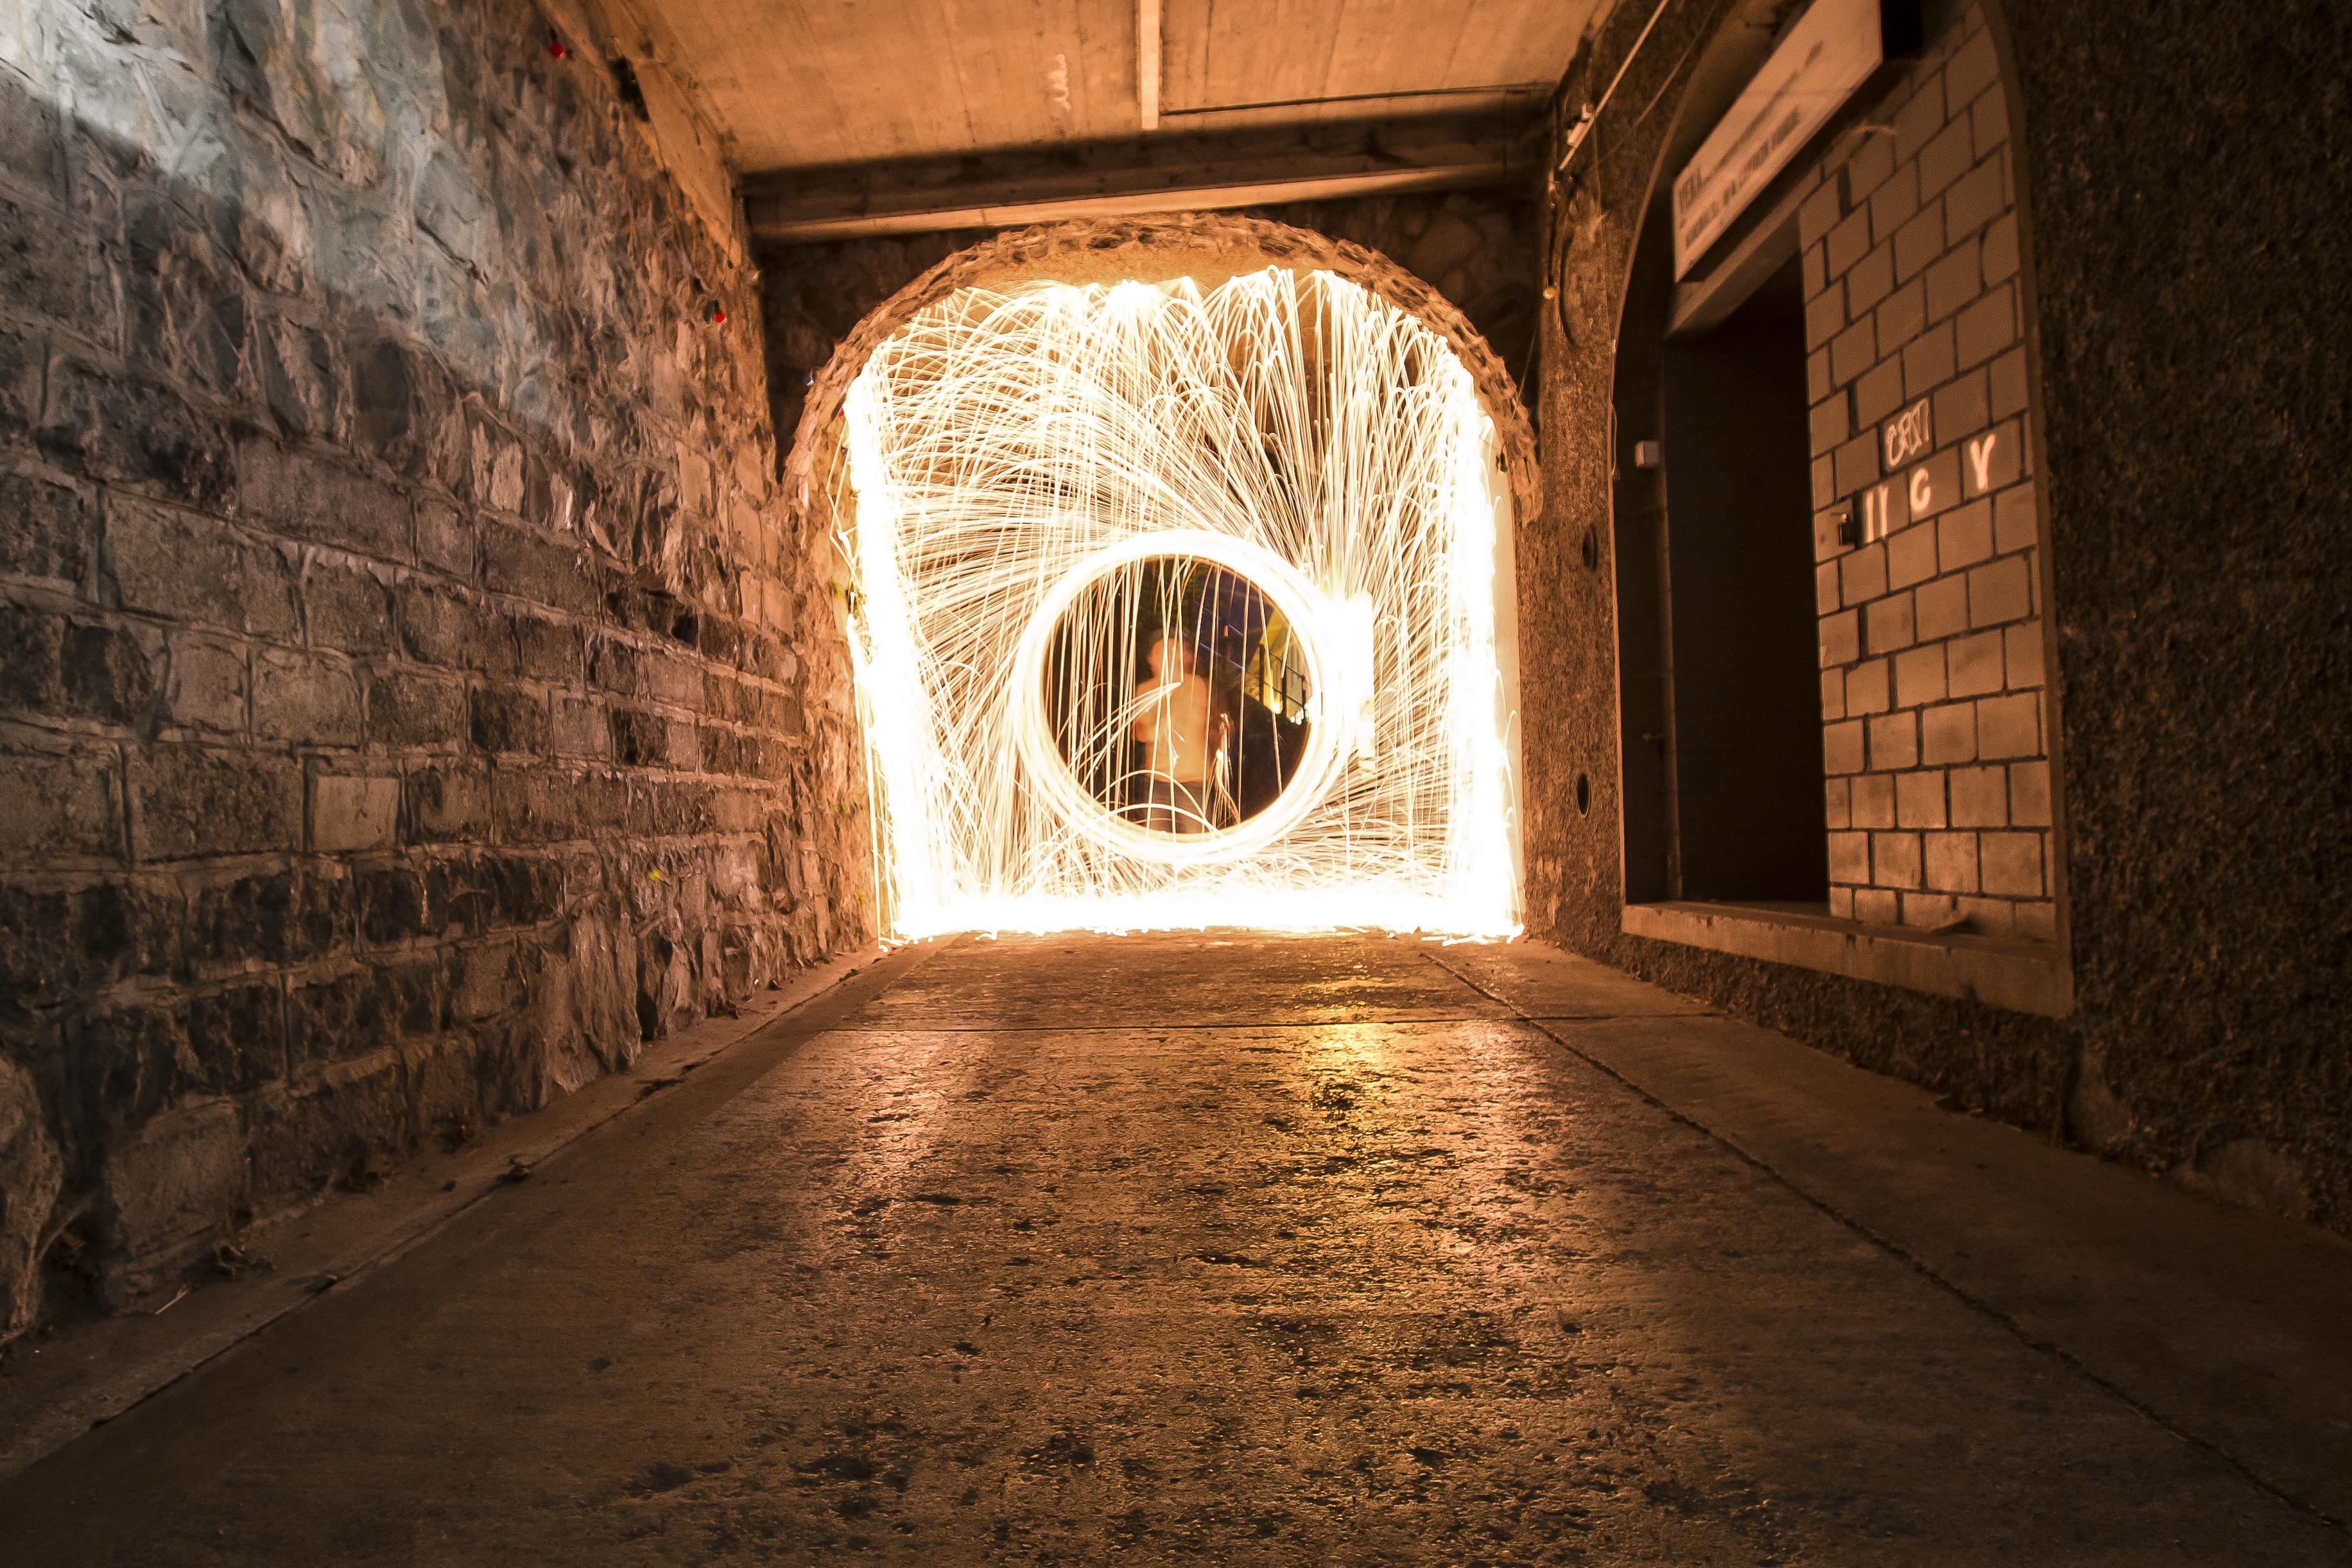 Bogen Stehle kostenlose foto kreativ licht nacht sonnenlicht gasse mauer